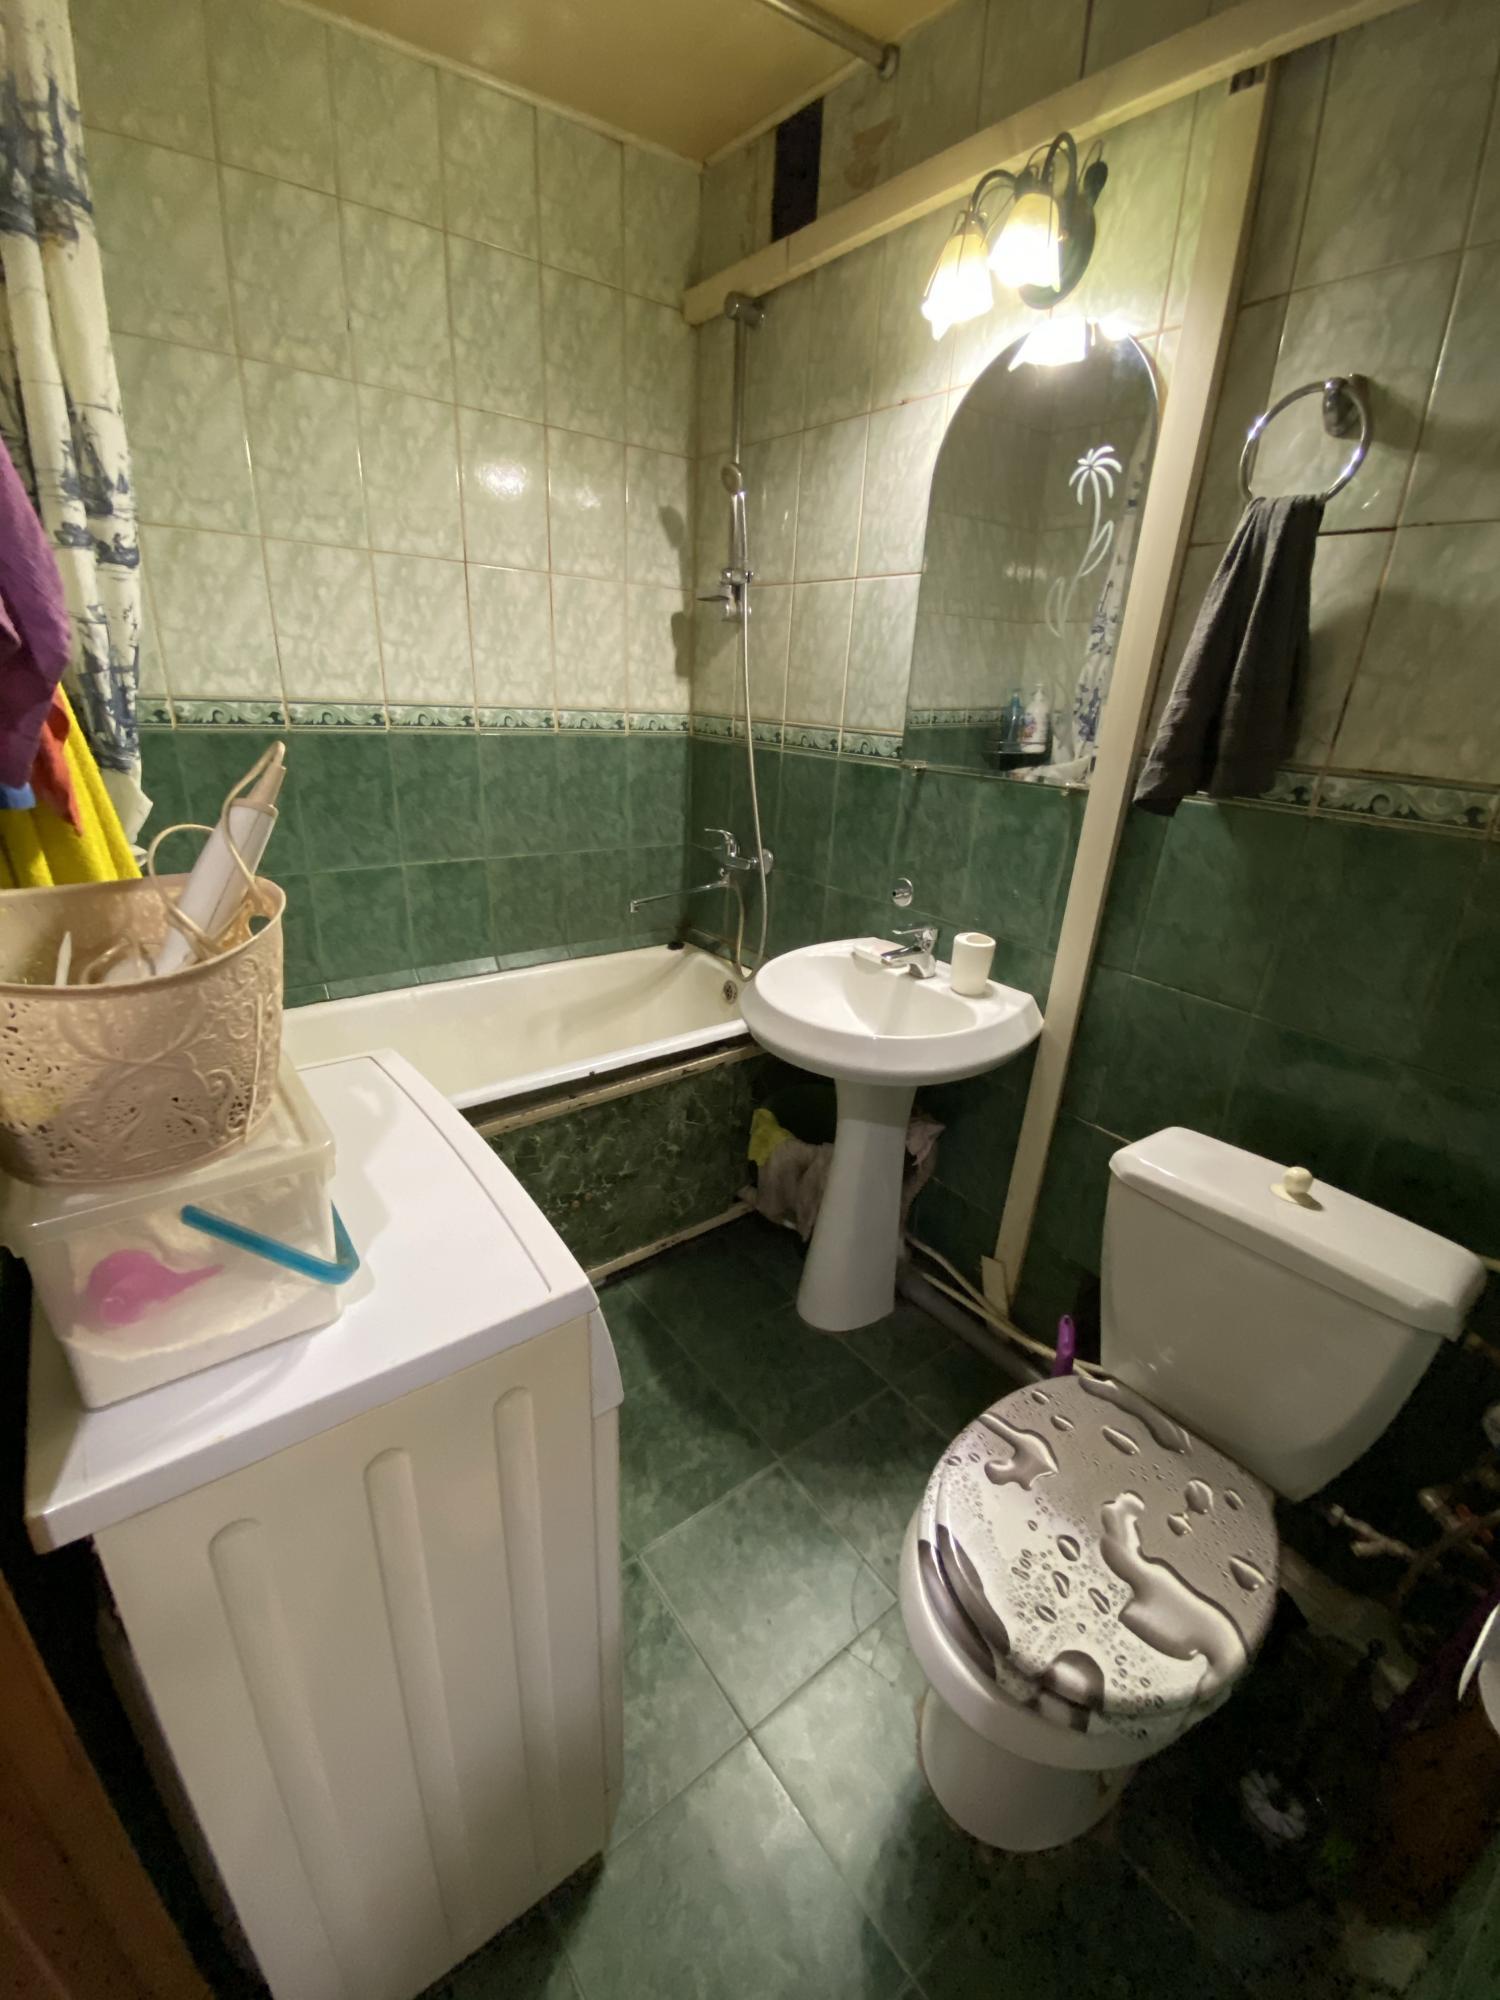 Квартира, 2 комнаты, 43 м² в Пушкино 89773266704 купить 6